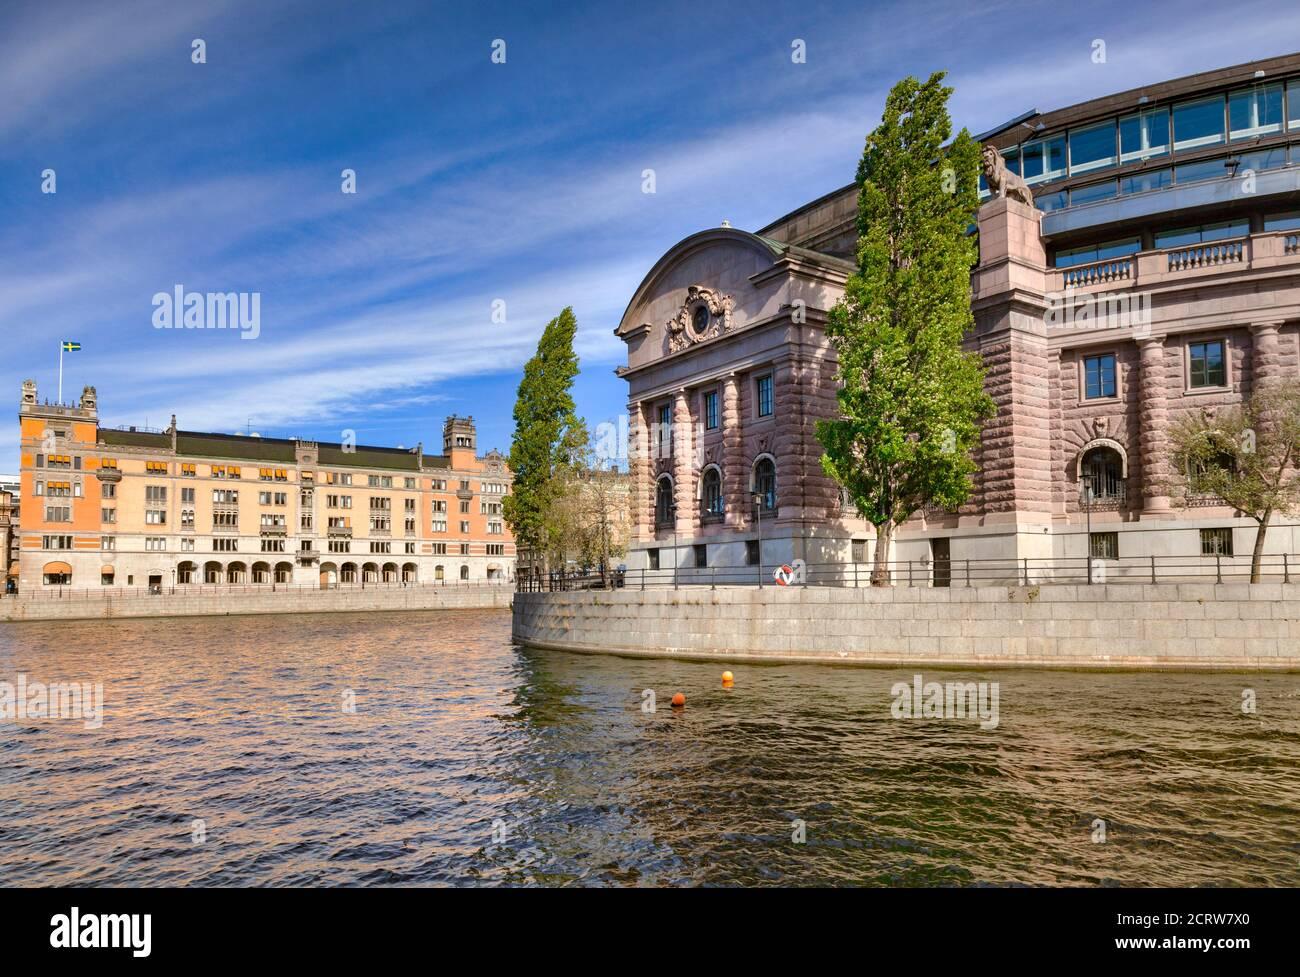 16 settembre 2018: Stoccolma, Svezia - Parlamento al lato del canale Lilla Vartan in una giornata di sole autunno, con vista sull'acqua. Foto Stock